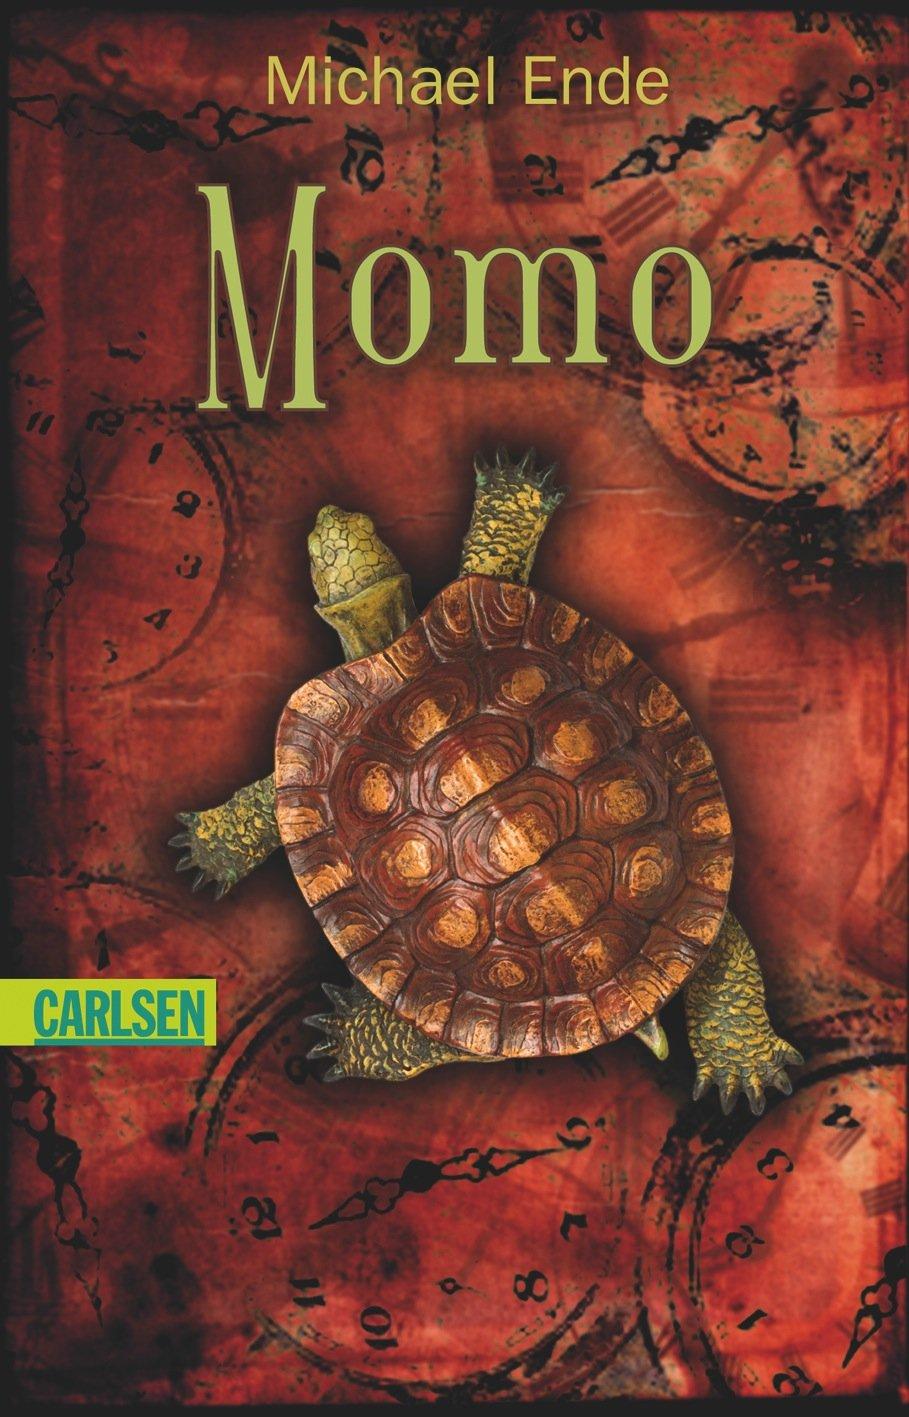 Bildergebnis für Momo Michael Ende Cover